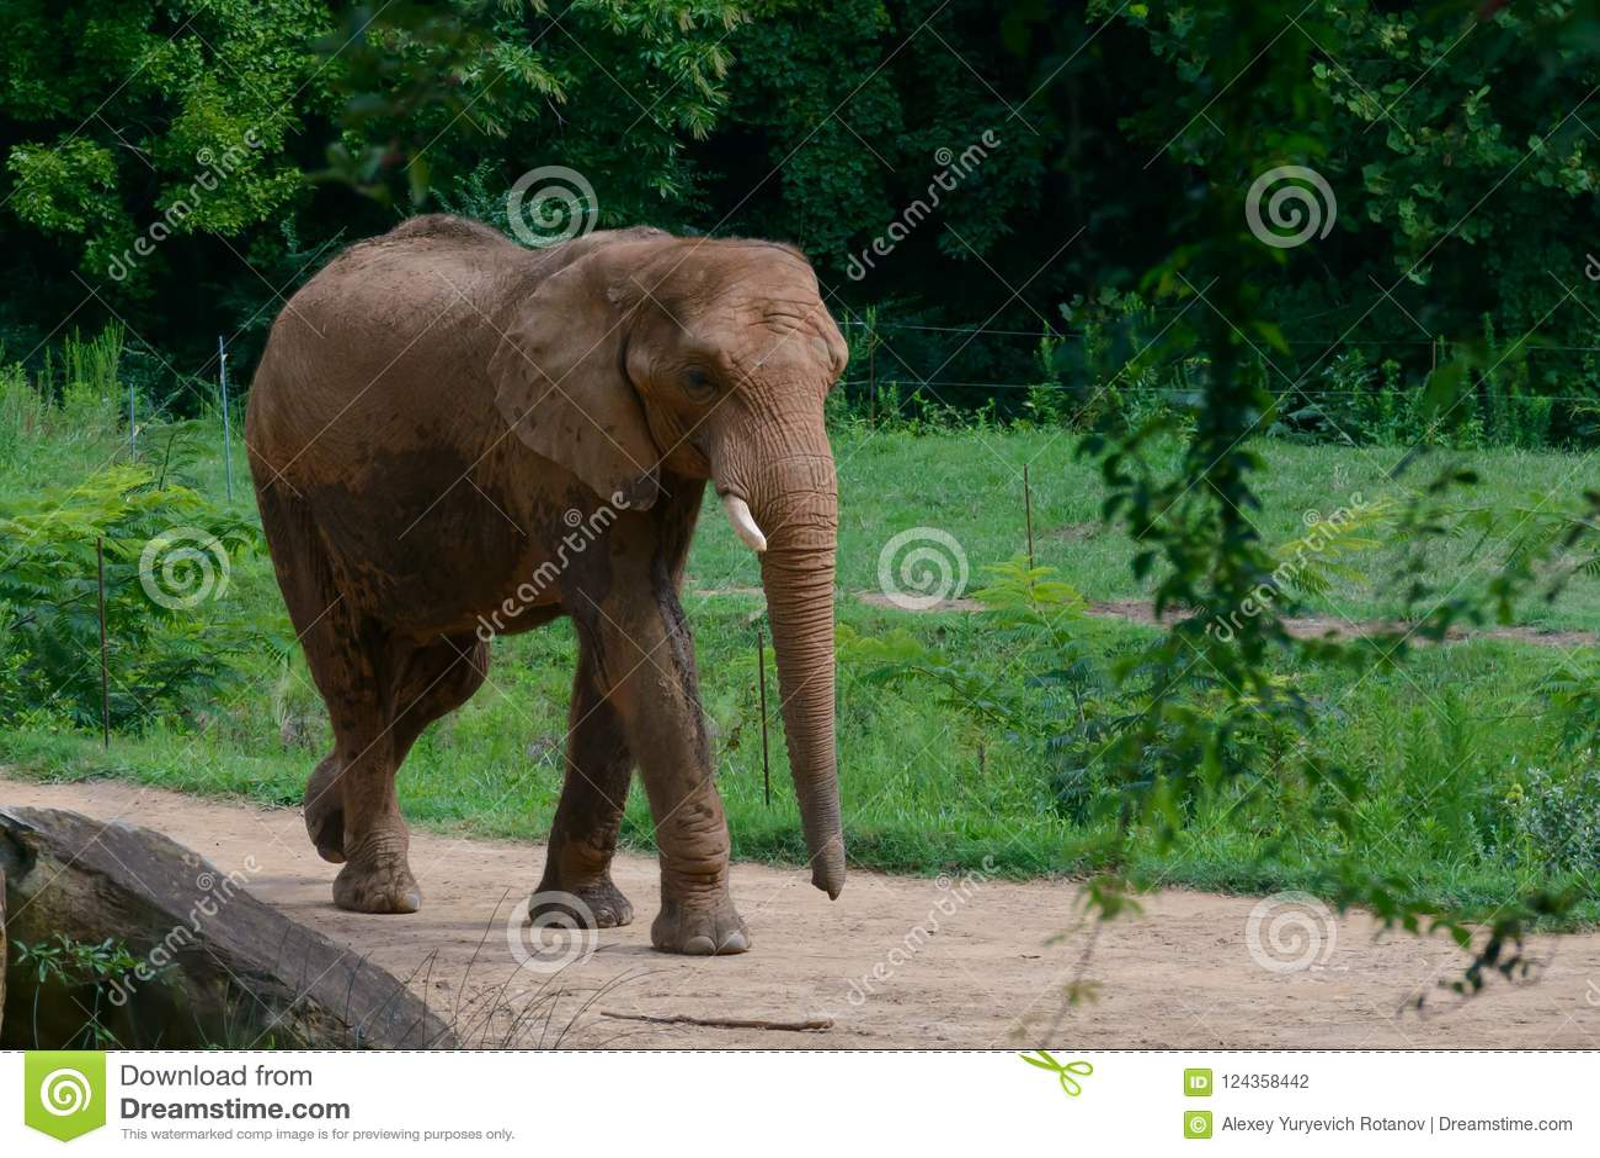 Stor elefant i skogbakgrunden